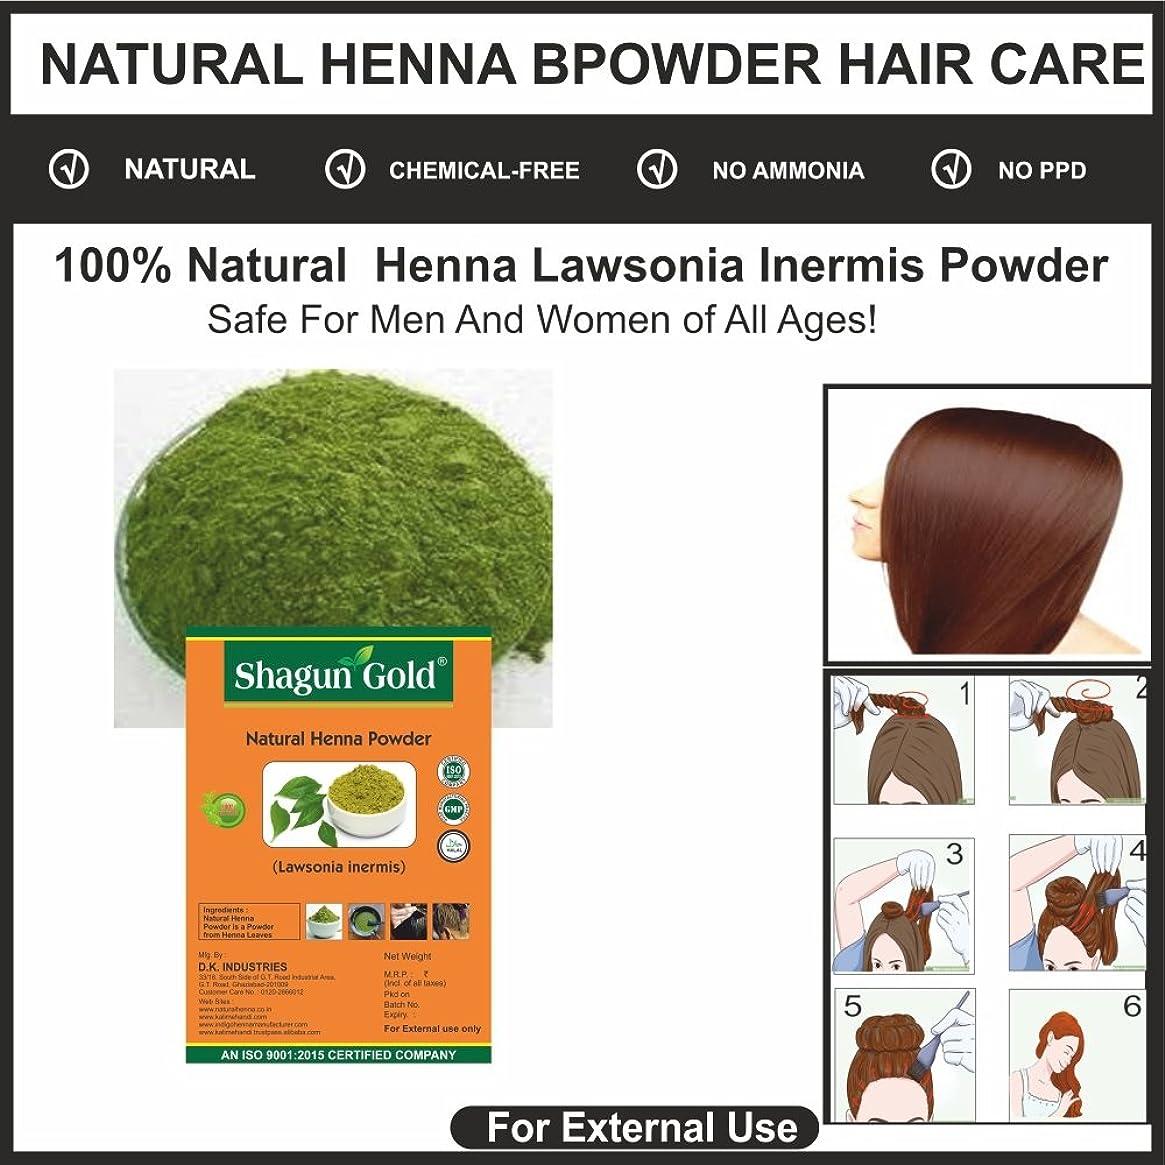 プロペラ予測パラメータShagun Gold A 100% Natural ( lawsonia Inermis ) Natural Henna Powder For Hair Certified By Gmp / Halal / ISO-9001-2015 No Ammonia, No PPD, Chemical Free 28 Oz / ( 1 / 2 lb ) / 800g